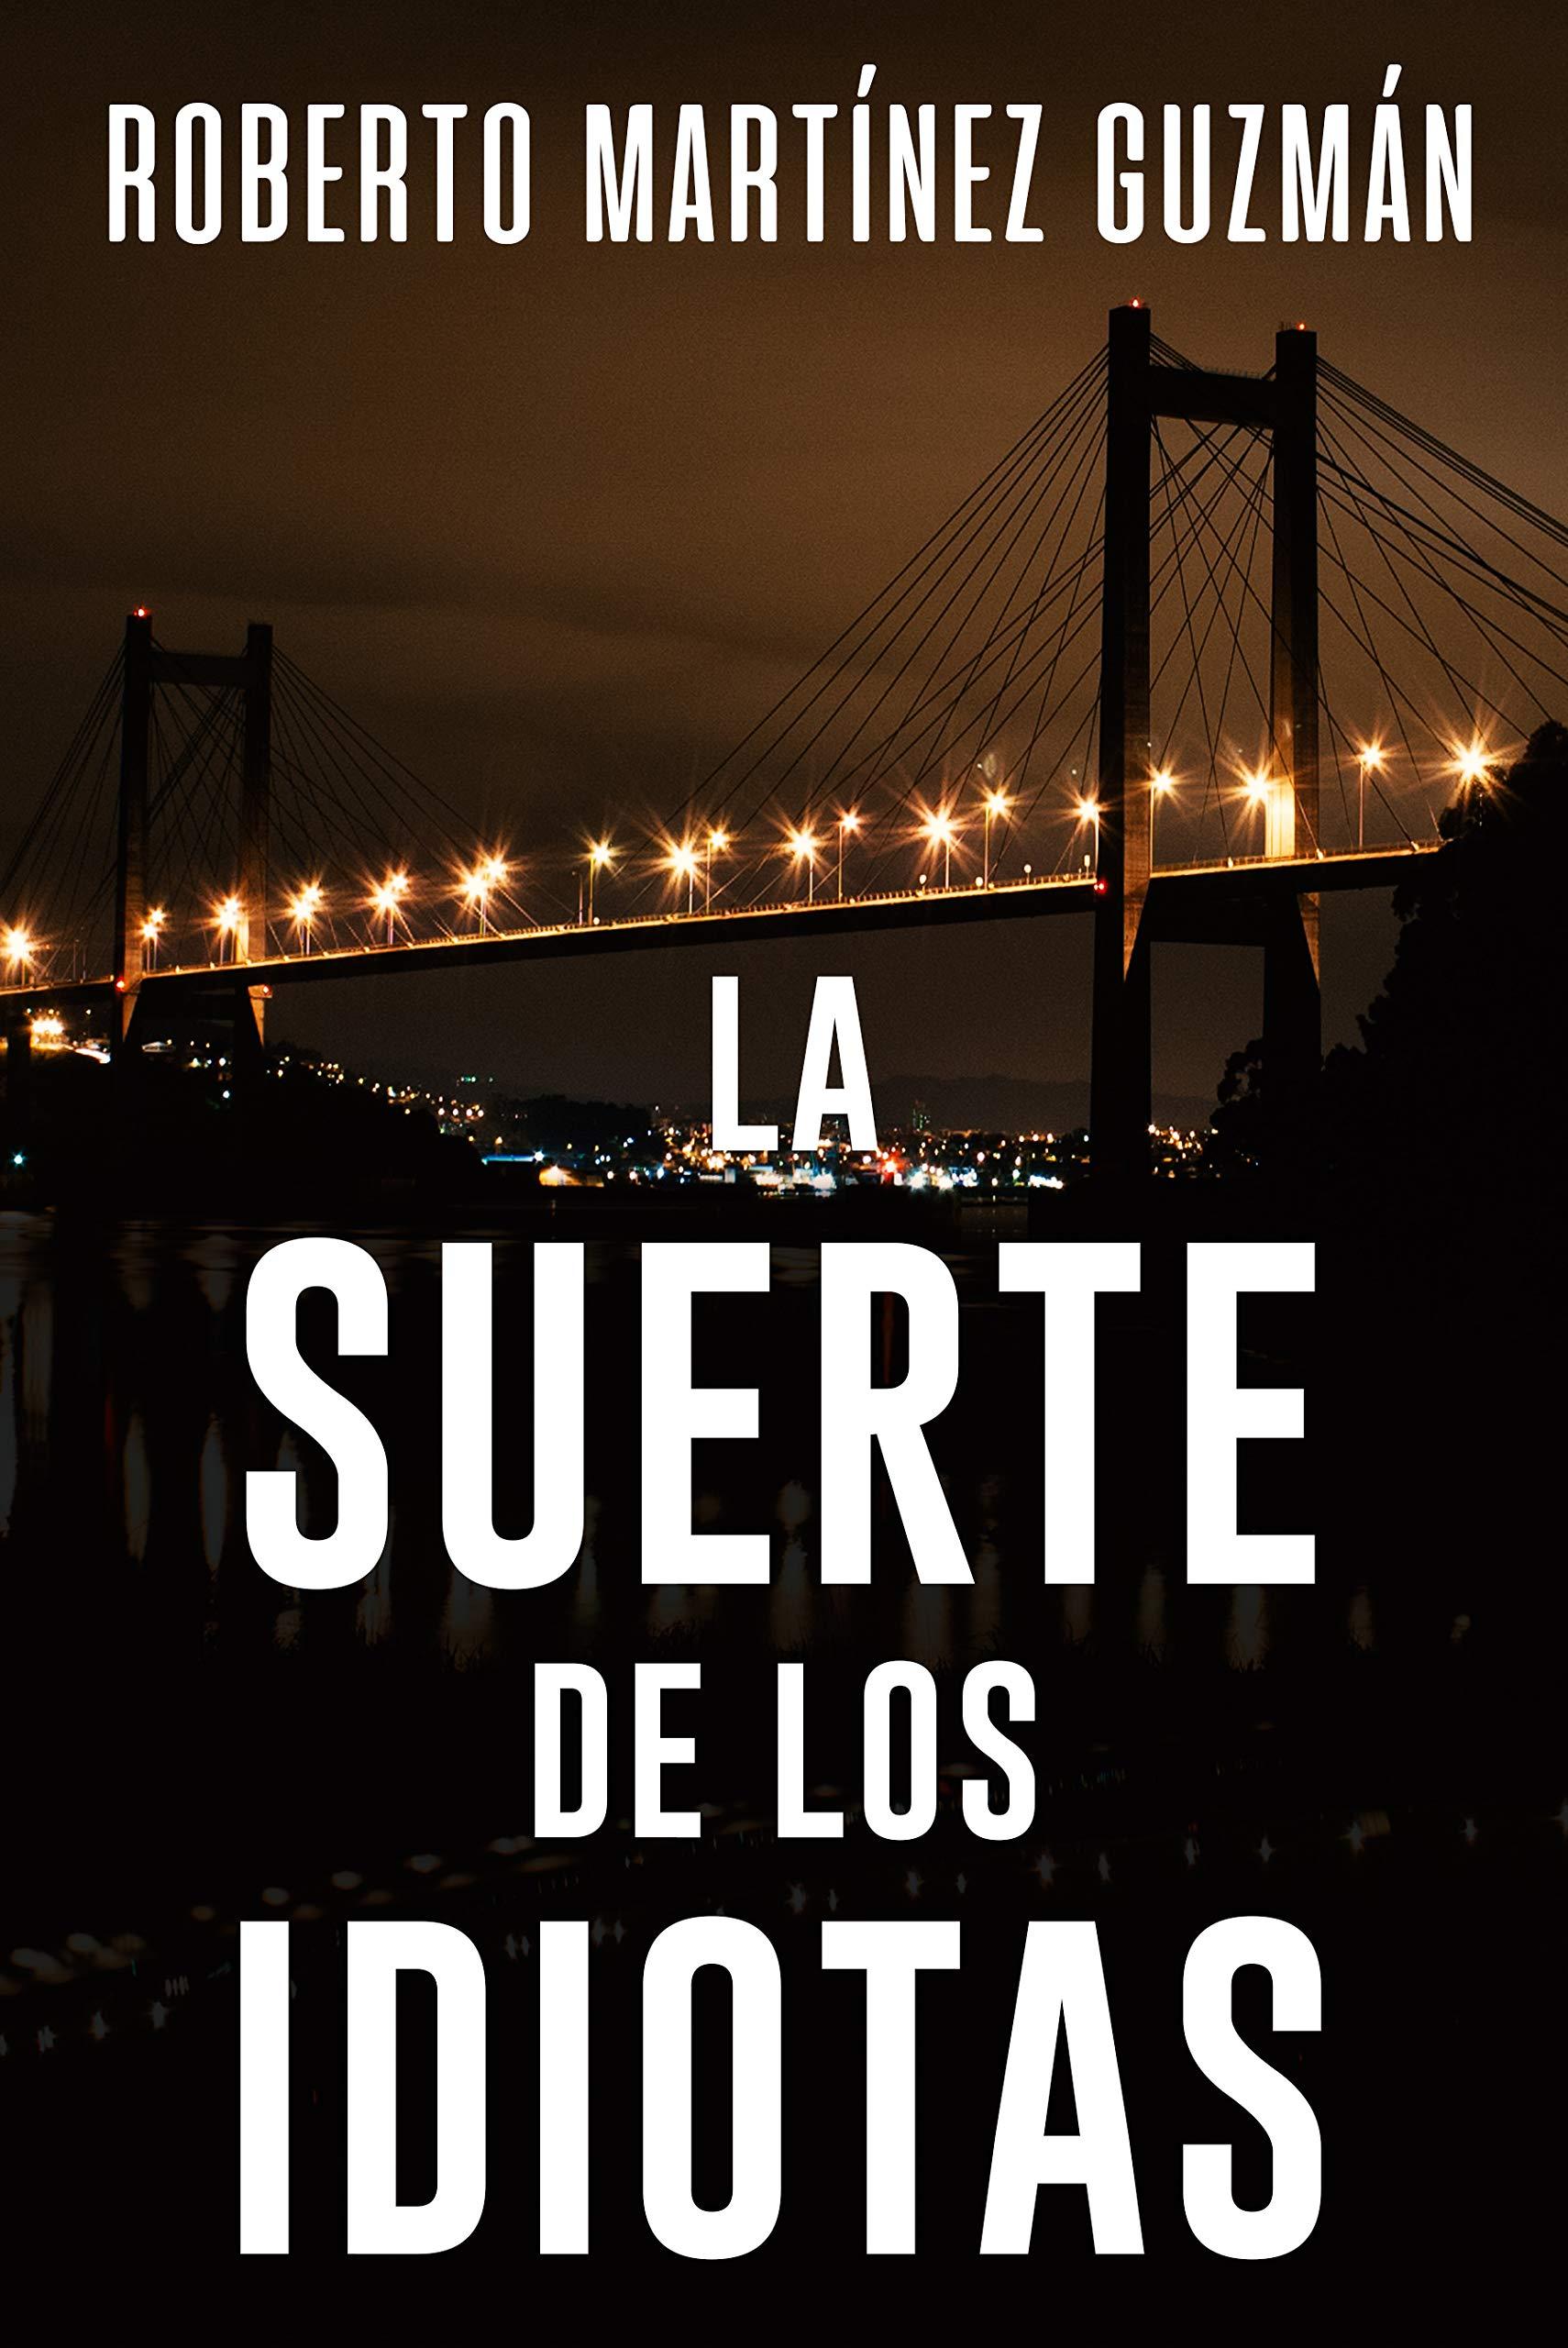 La suerte de los idiotas por Roberto Martínez Guzmán